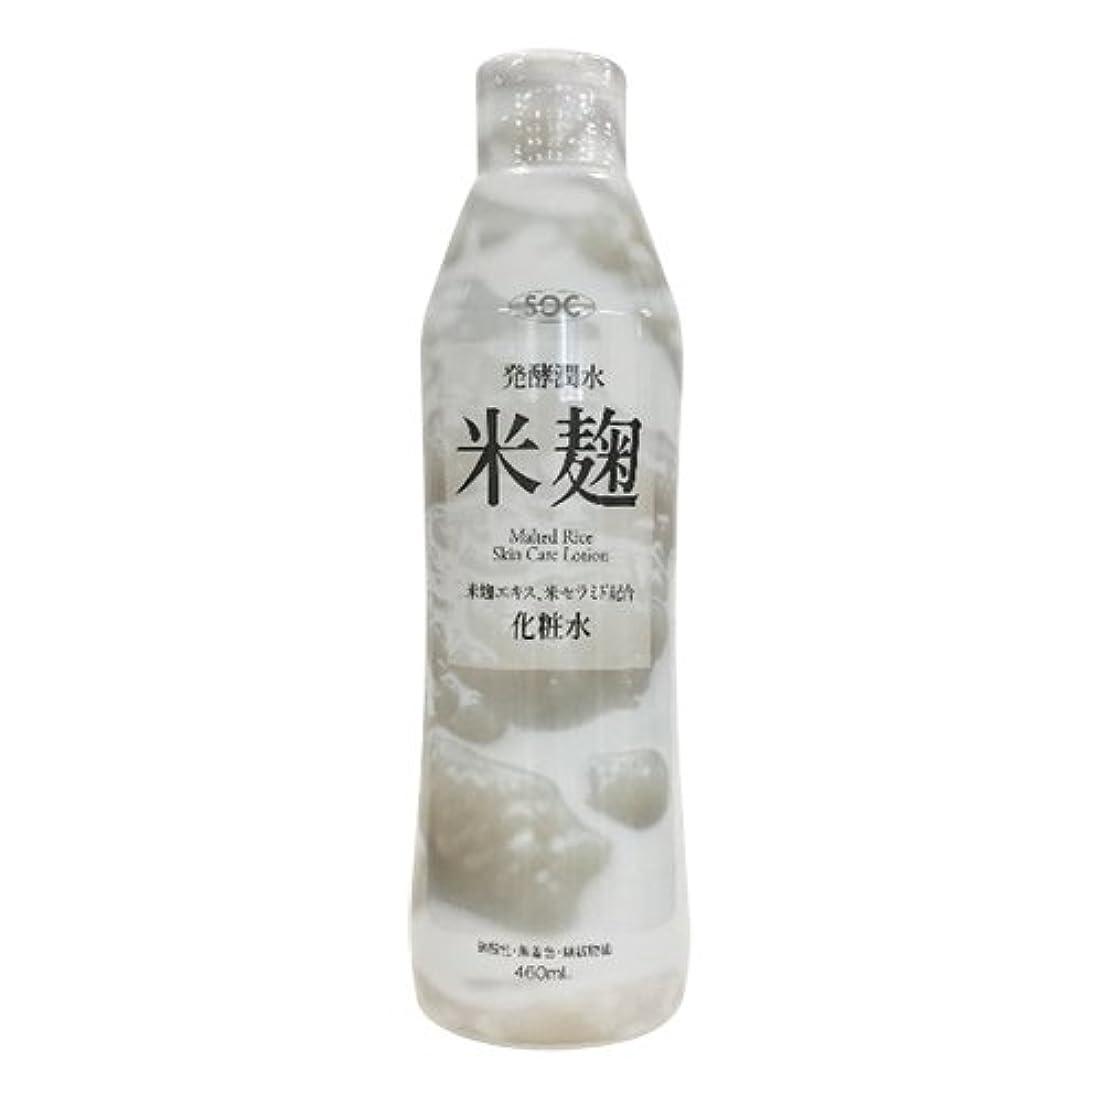 バッテリー海嶺準備SOC 米麹配合化粧水 (460mL)